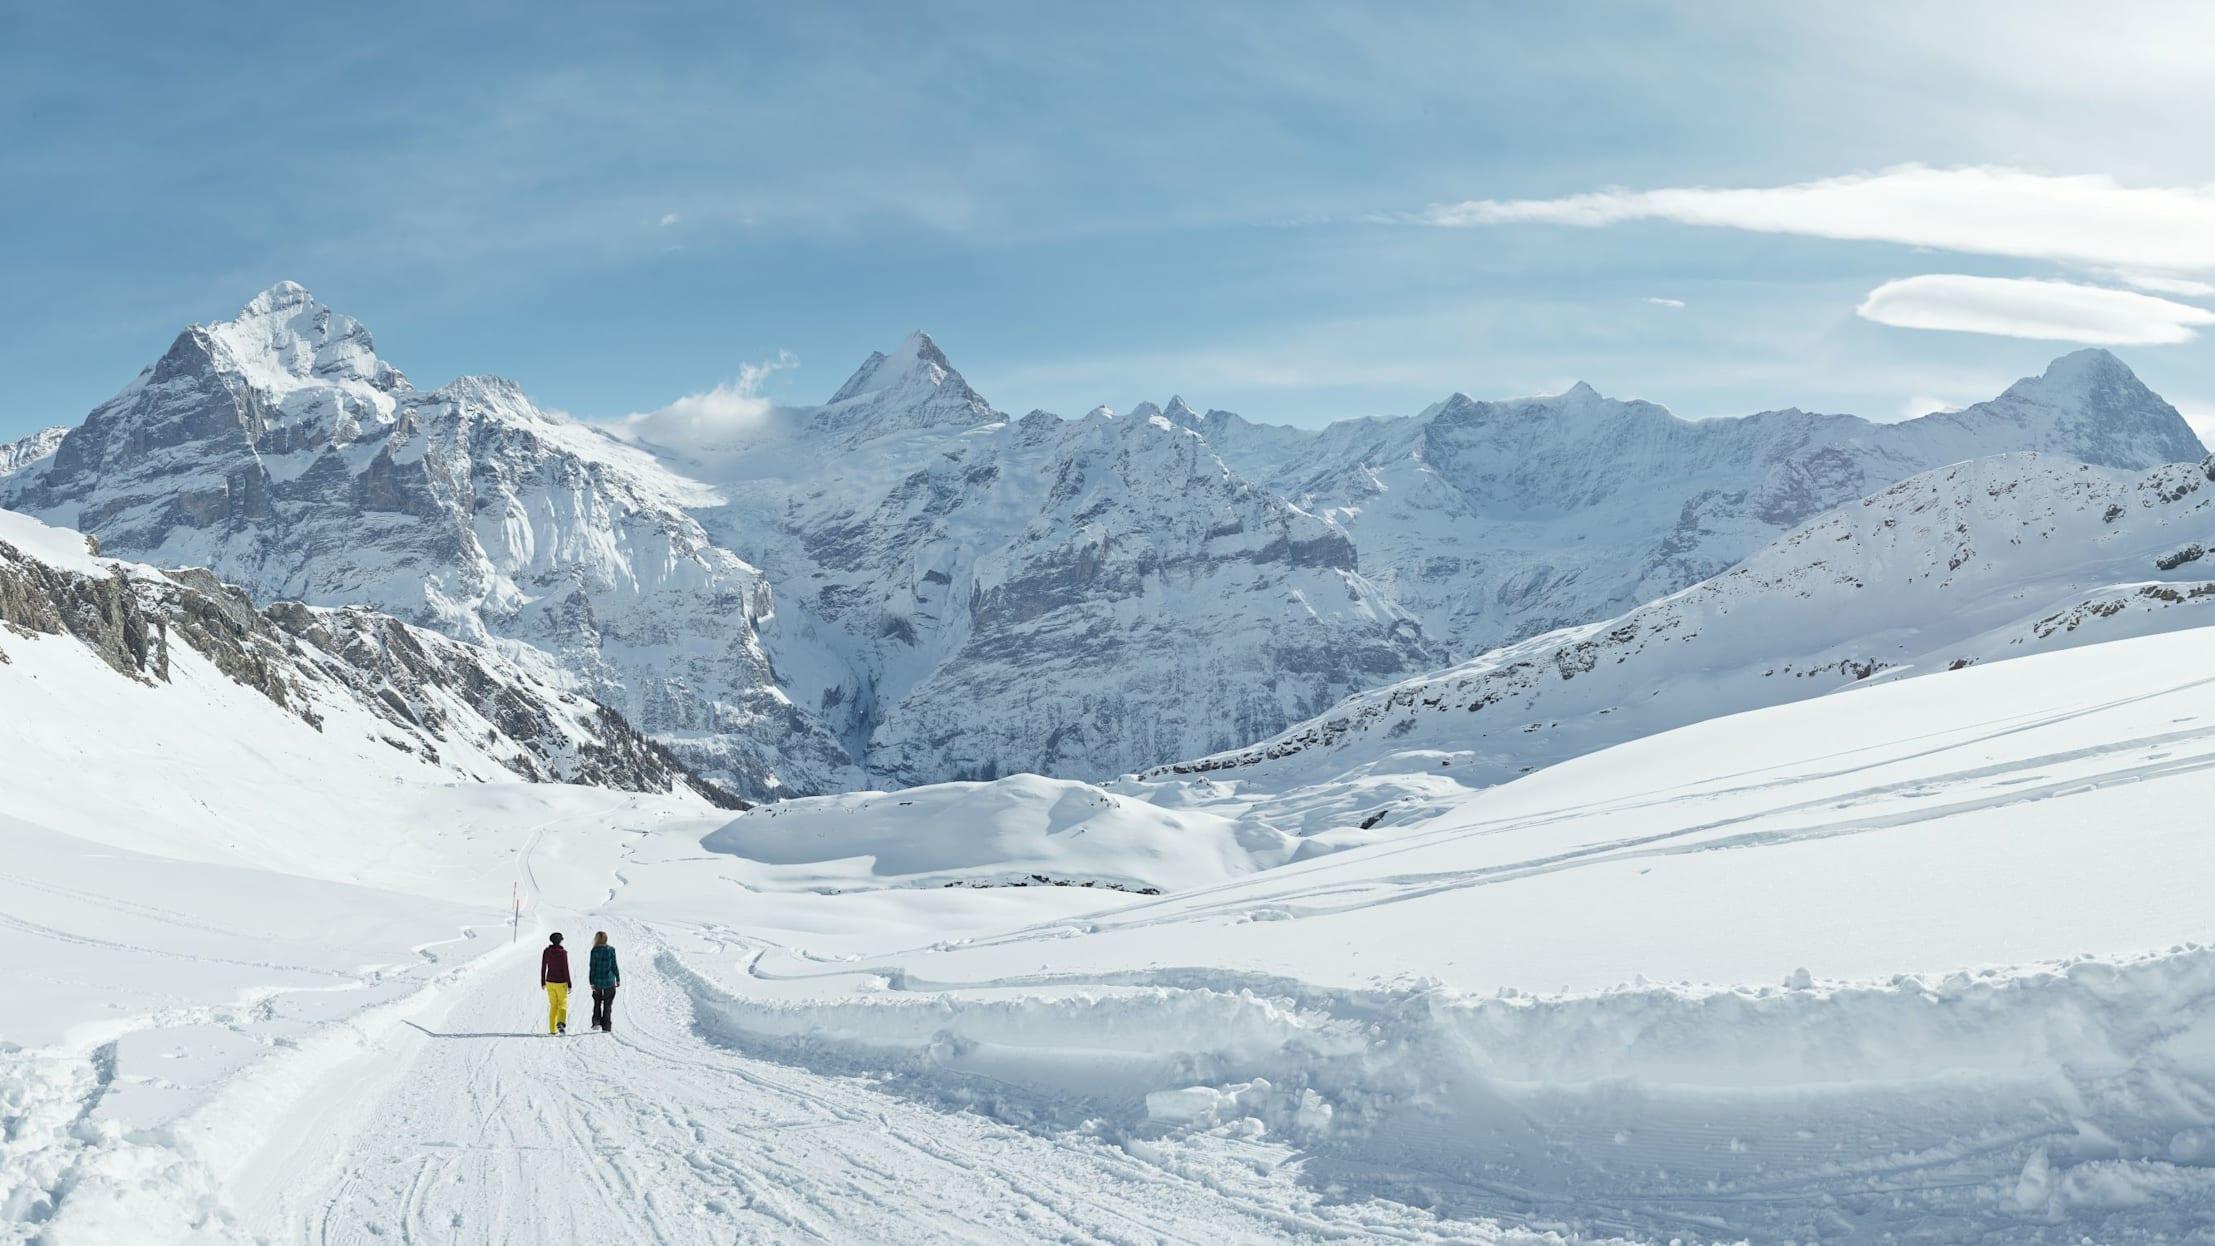 Winterwandern Wetterhorn Schreckhorn Eiger Panorama